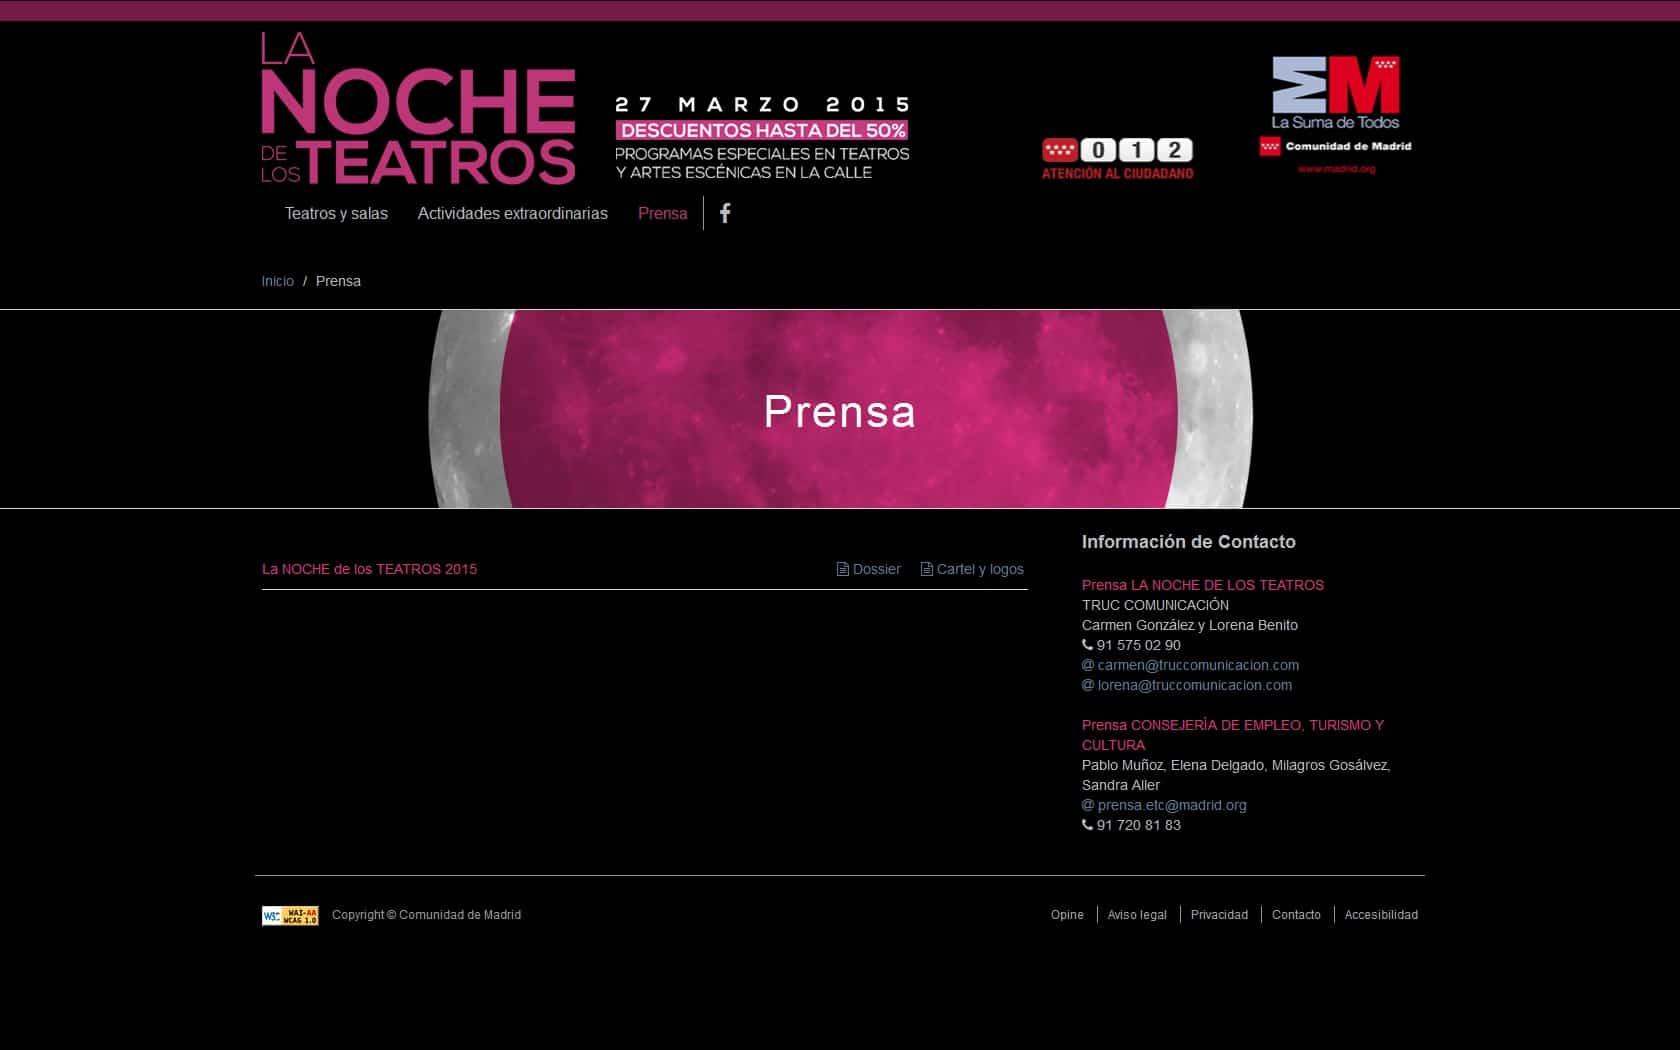 La Noche de los Teatros 4